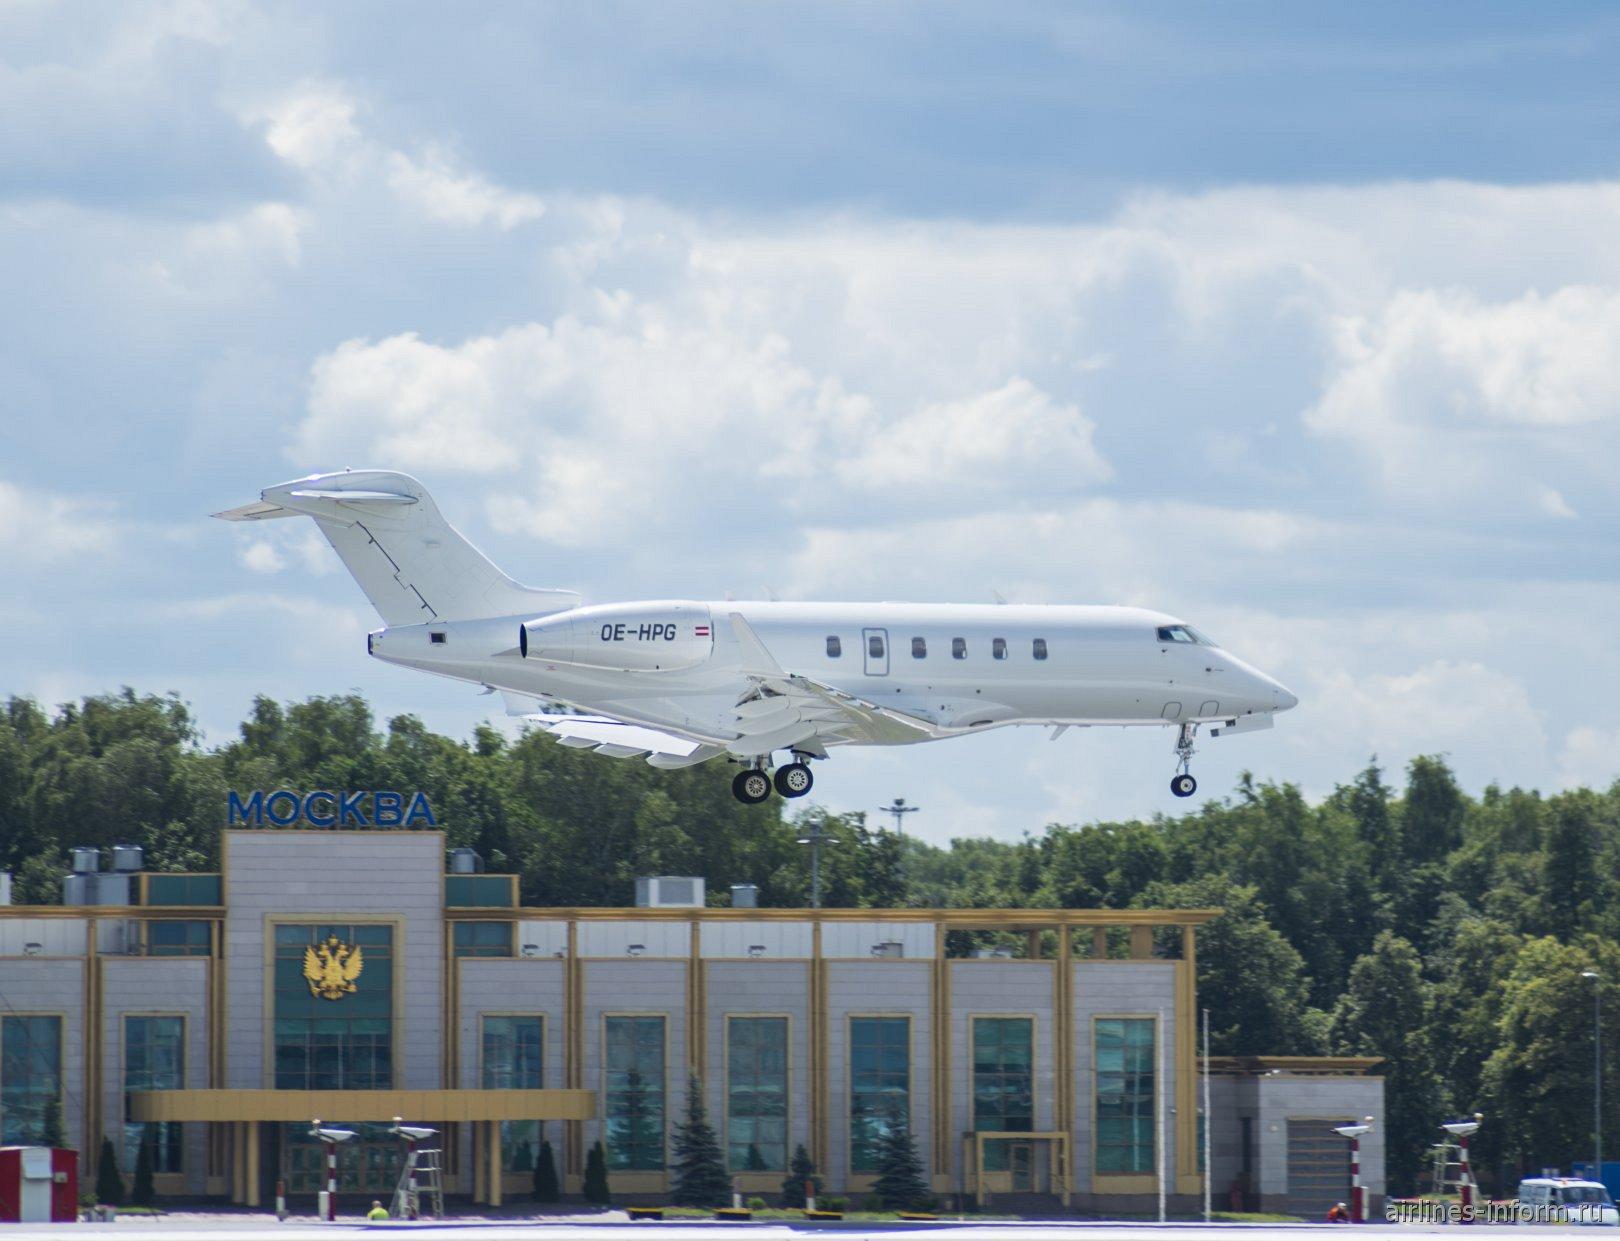 Бизнес-джет Bombardier Challenger 300 рег. номер OE-HPG садится в аэропорту Внуково